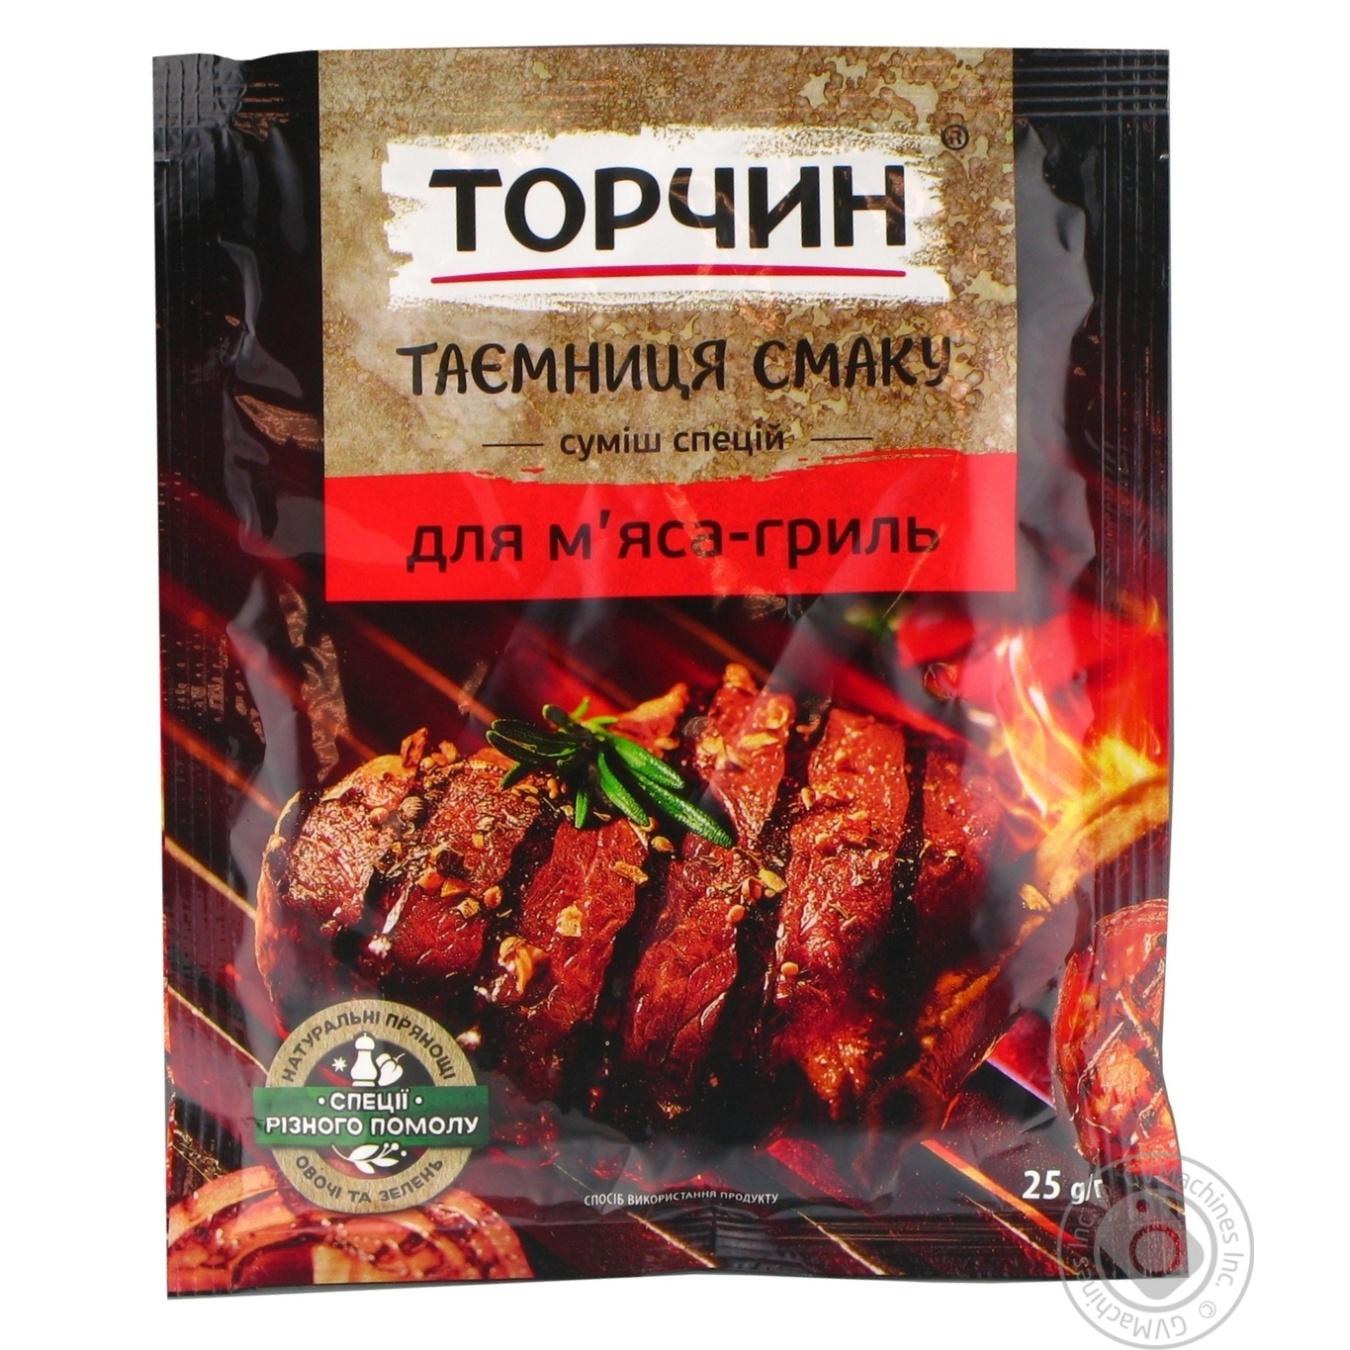 Приправа Торчин Таємниця смаку суміш спецій для м'яса-гриль 25г